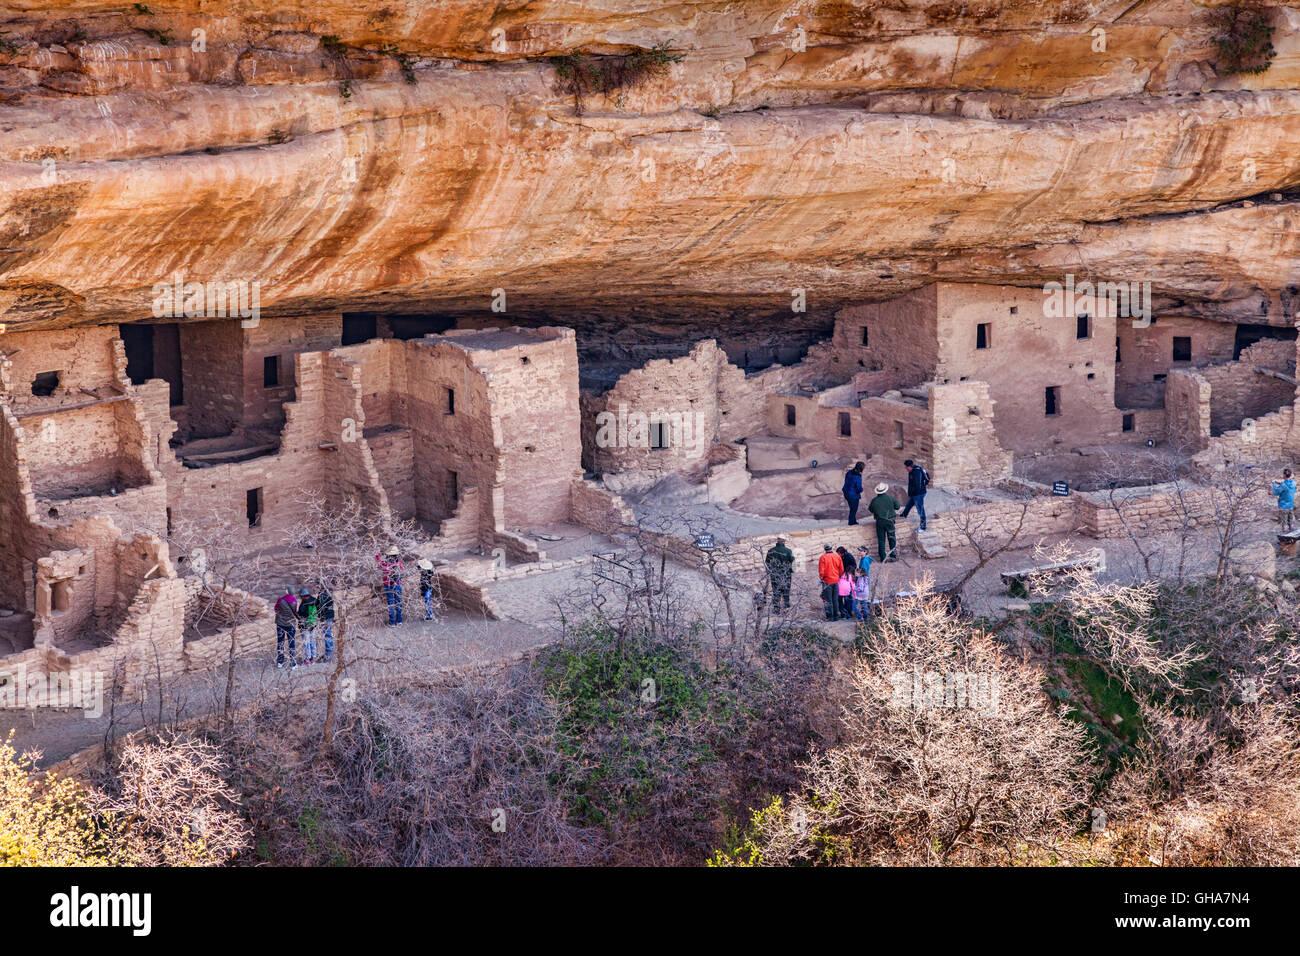 Besucher bei Fichte Haus eine Klippe Wohnung in Mesa Verde Nationalpark, Colorado, USA Stockbild